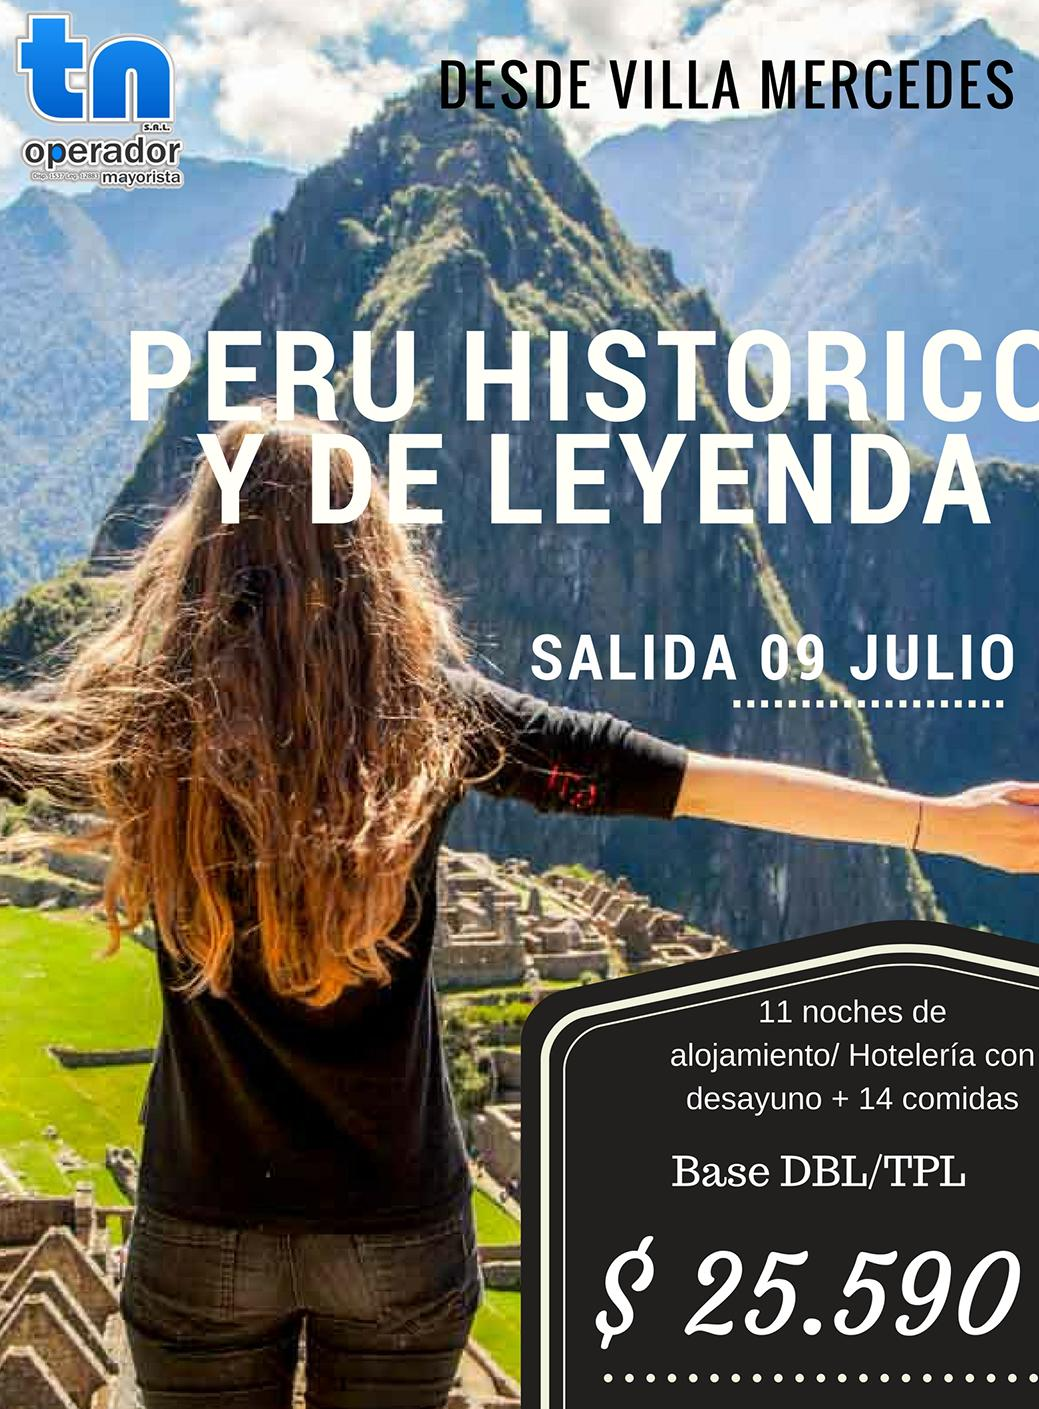 Viaje a Perú desde Villa Mercedes 09 de Julio 2018